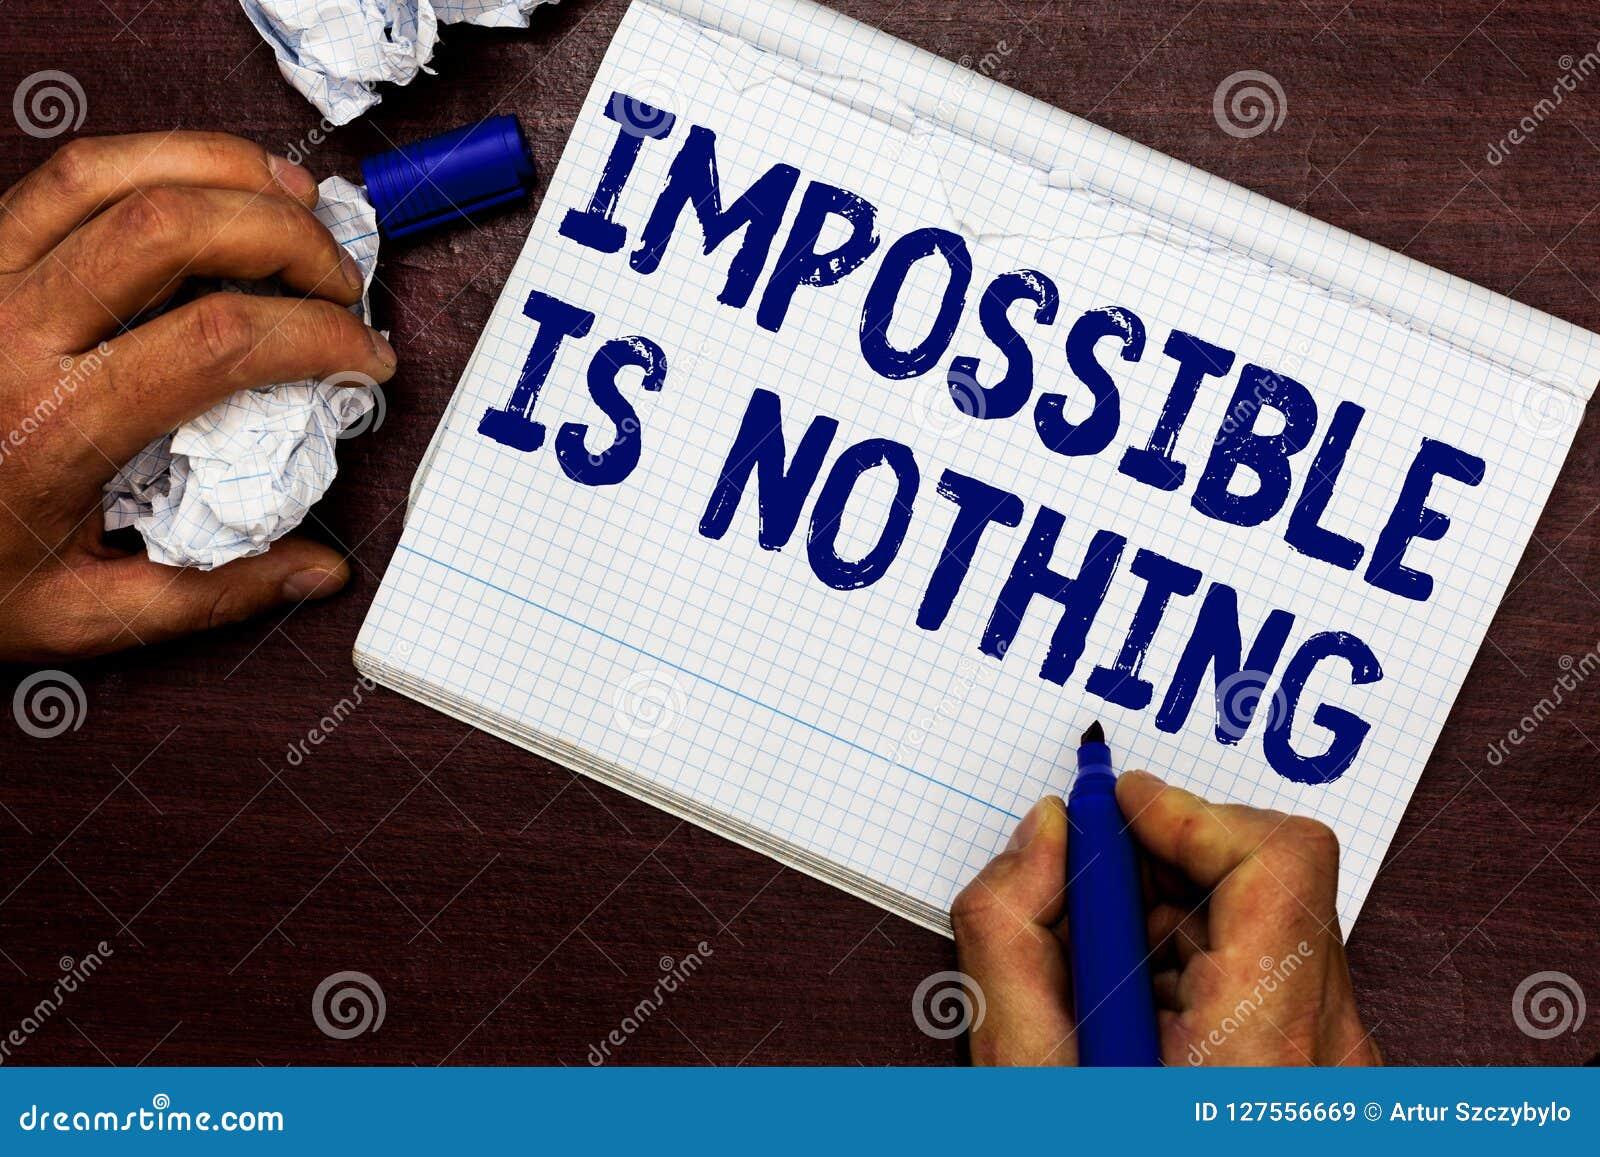 Att skriva omöjlig anmärkningsuppvisning är ingenting Affärsfotoet som ställer ut något, är möjligt tror sfären av